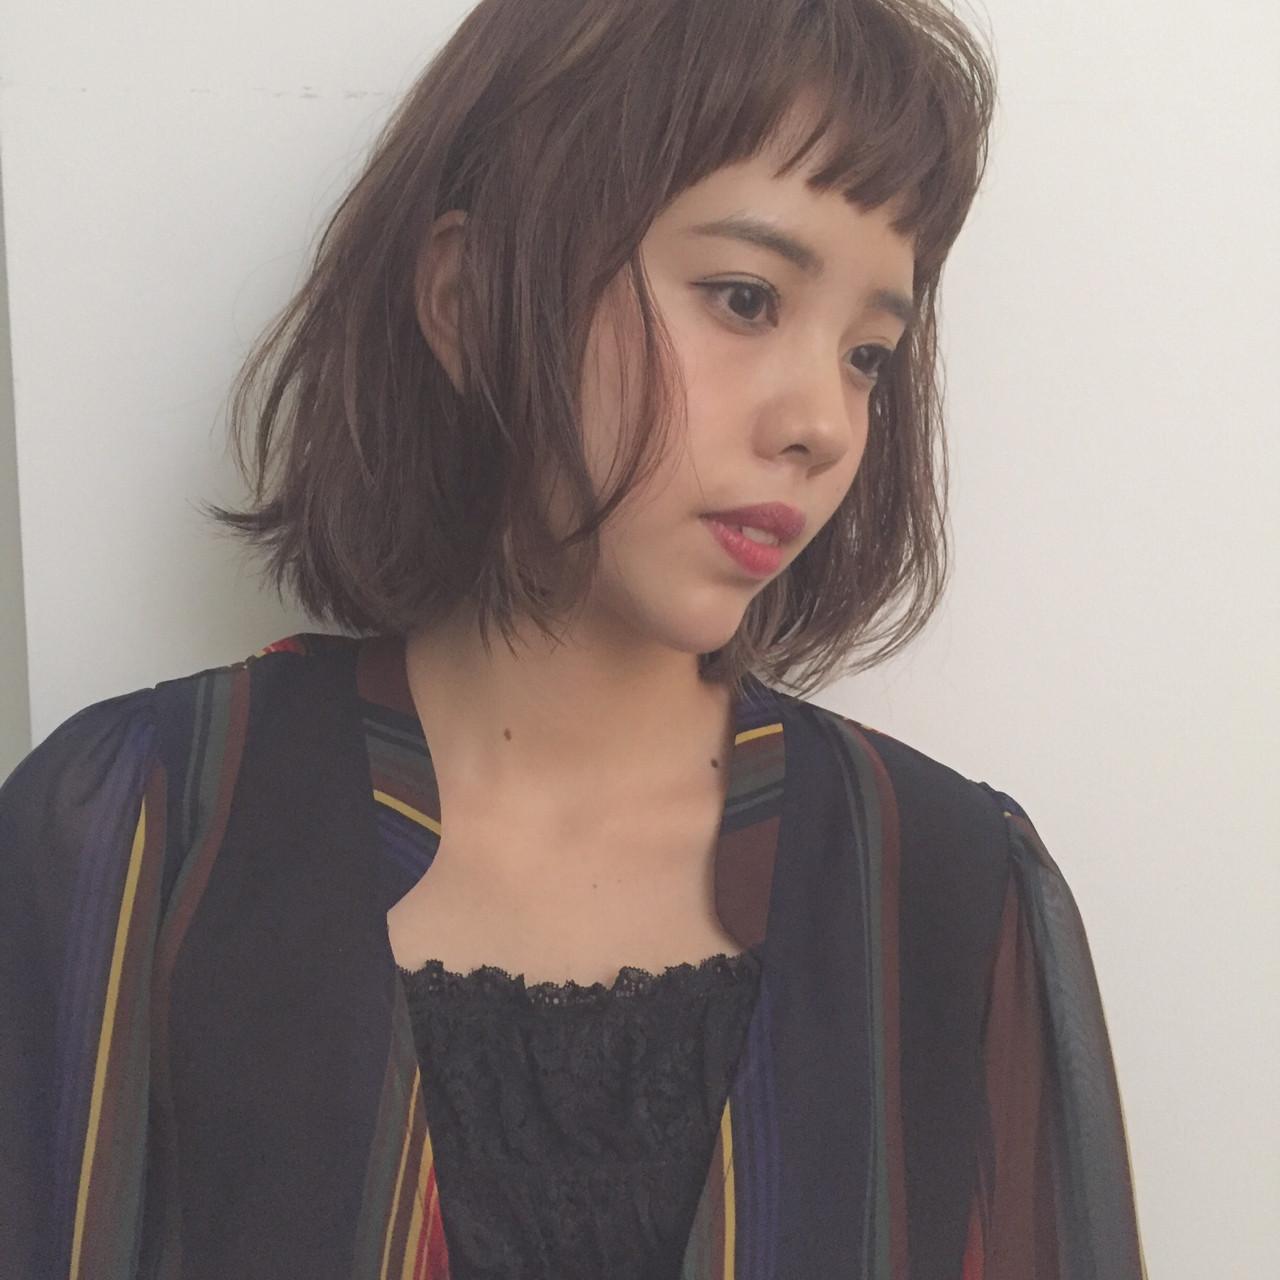 ナチュラル 色気 ニュアンス ボブ ヘアスタイルや髪型の写真・画像 | 勝田 祐介 / basil pupula